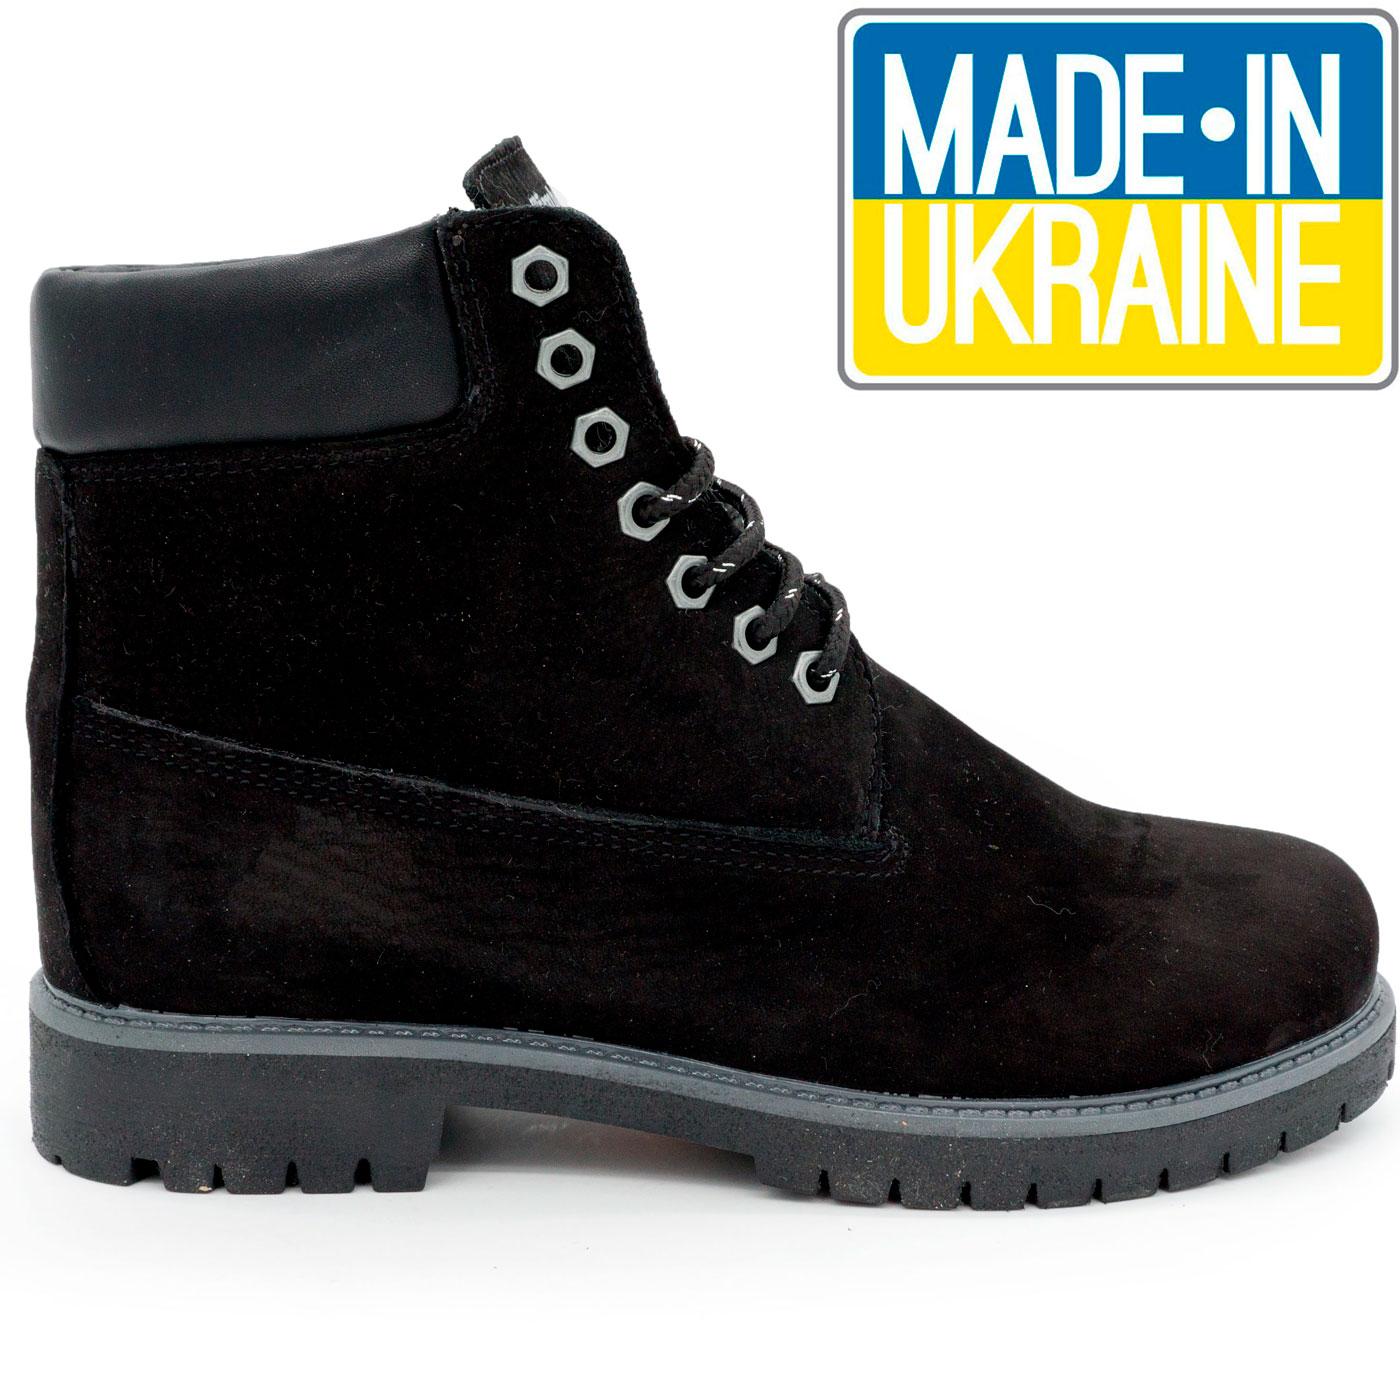 фото main Черные ботинки Реплика Timberland 102 (сделано в Украине) main